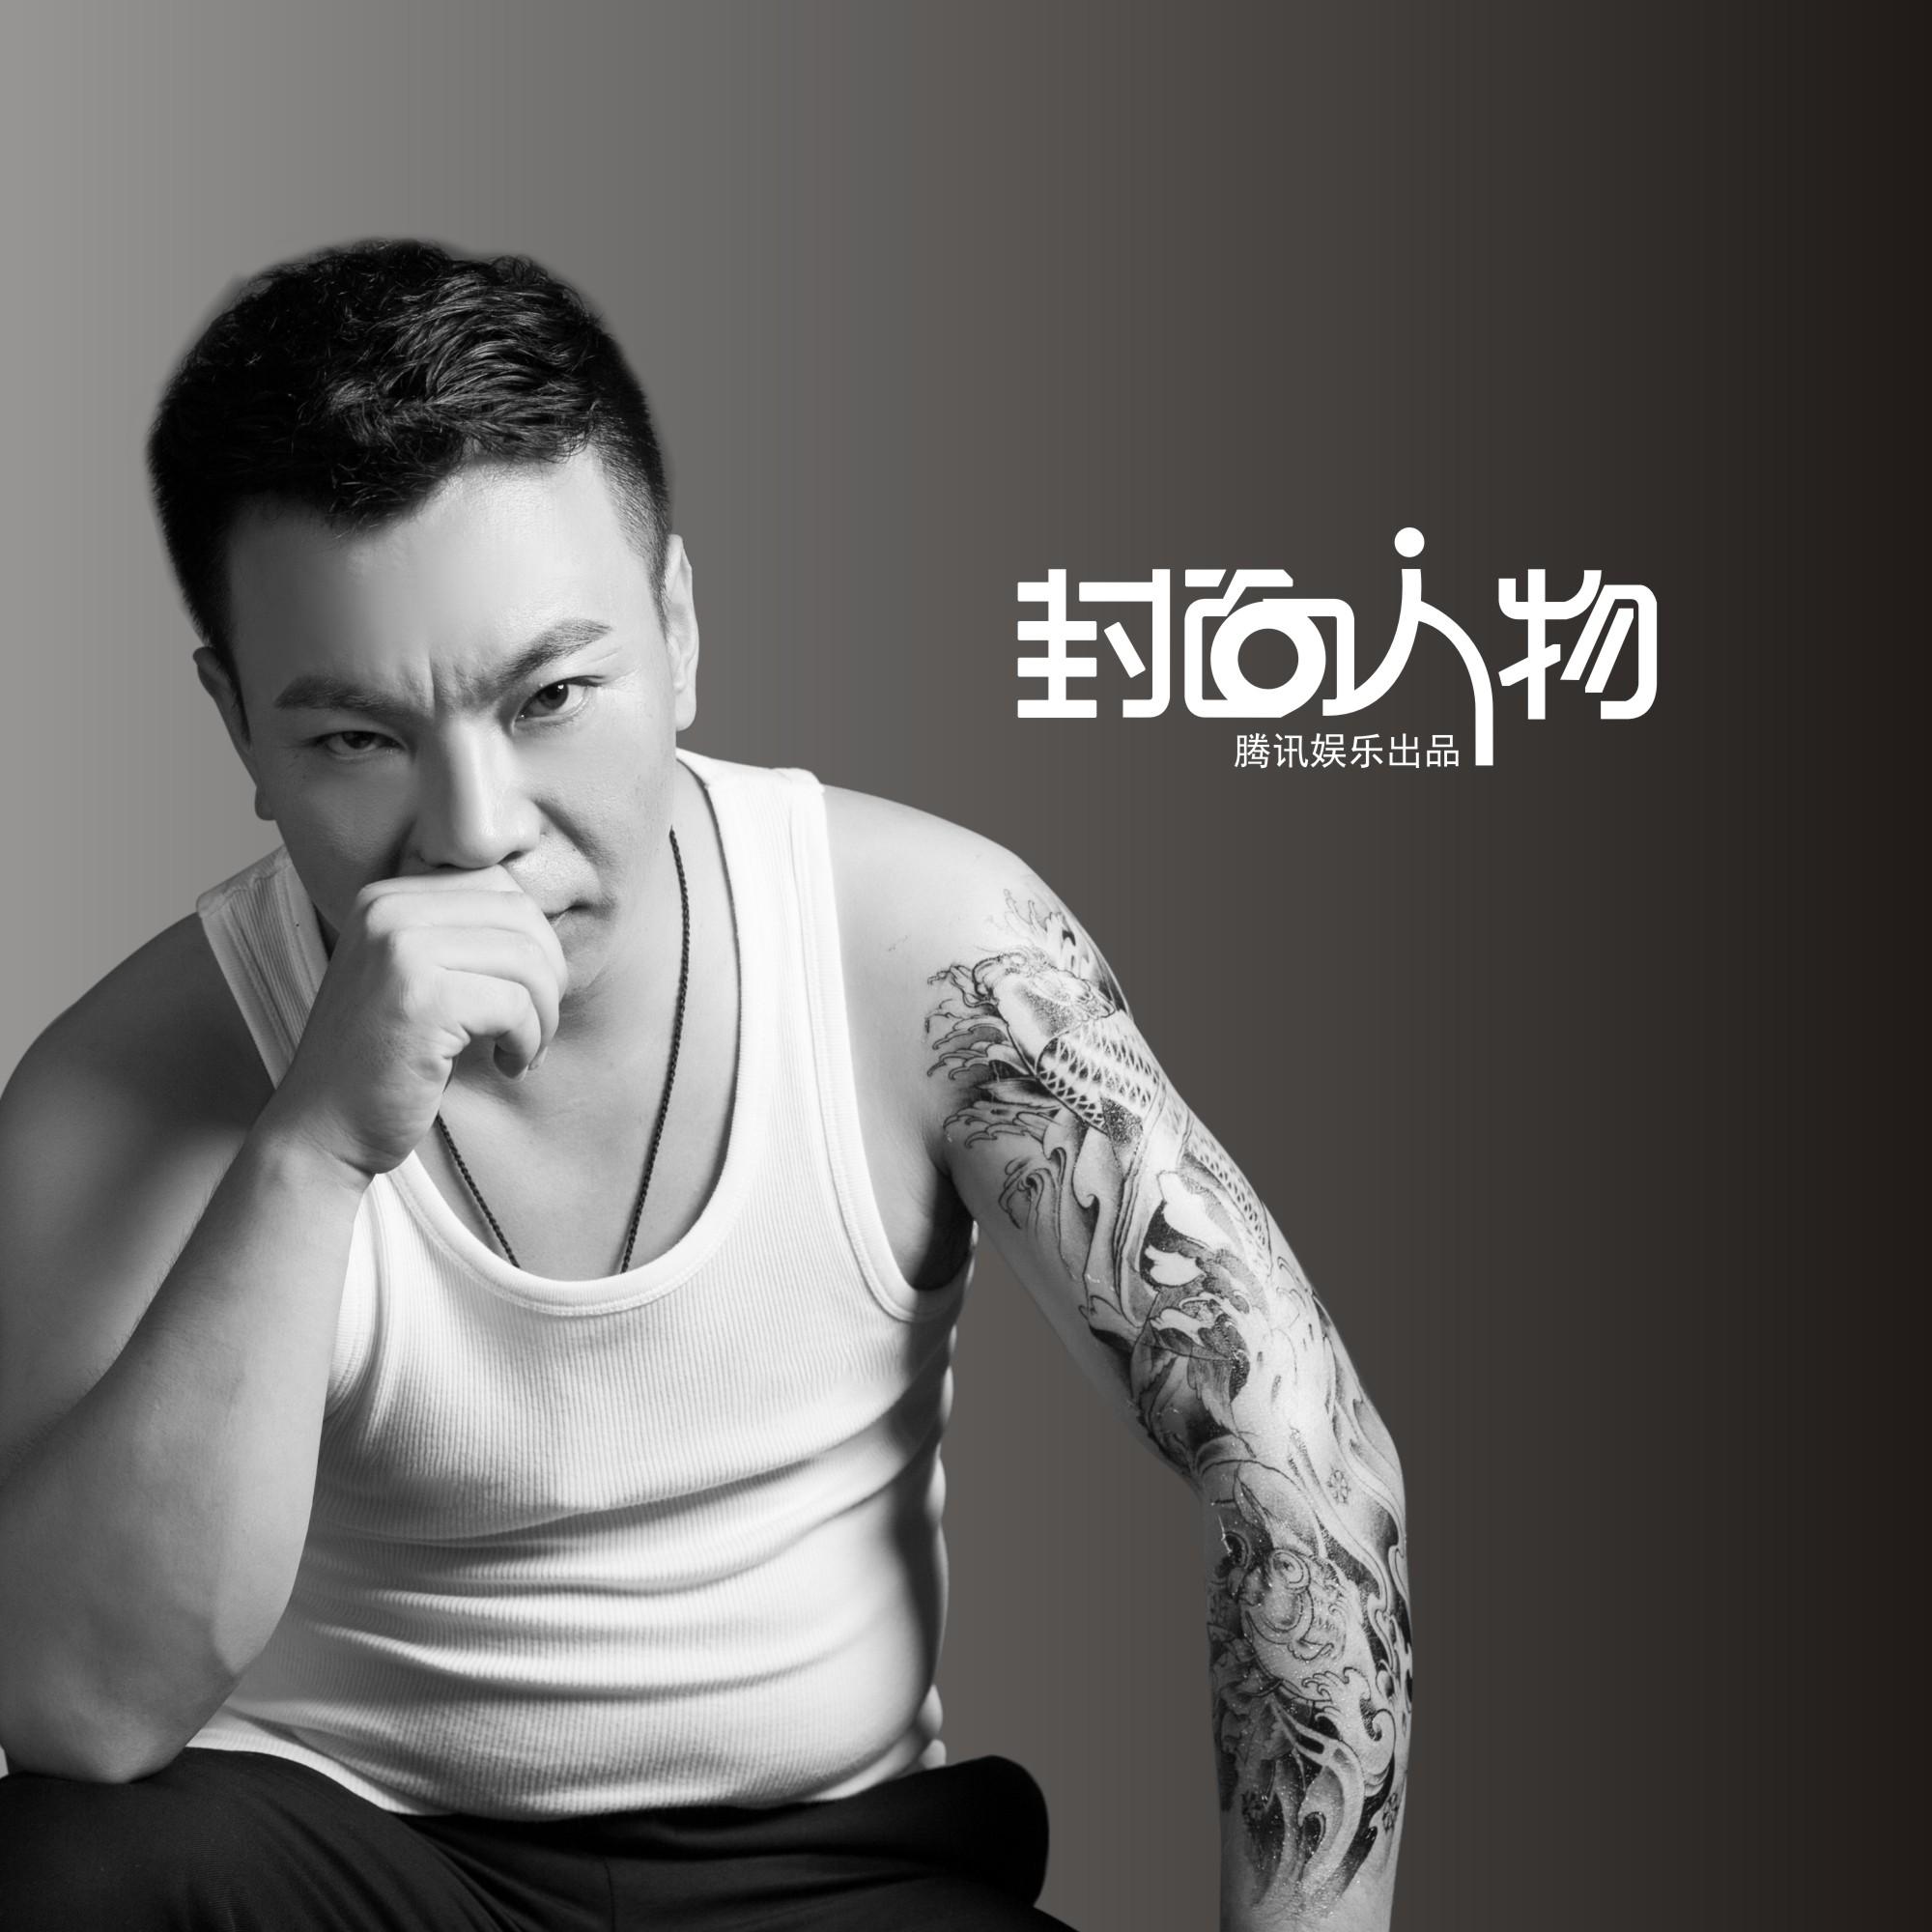 孙海峰(黑先生)